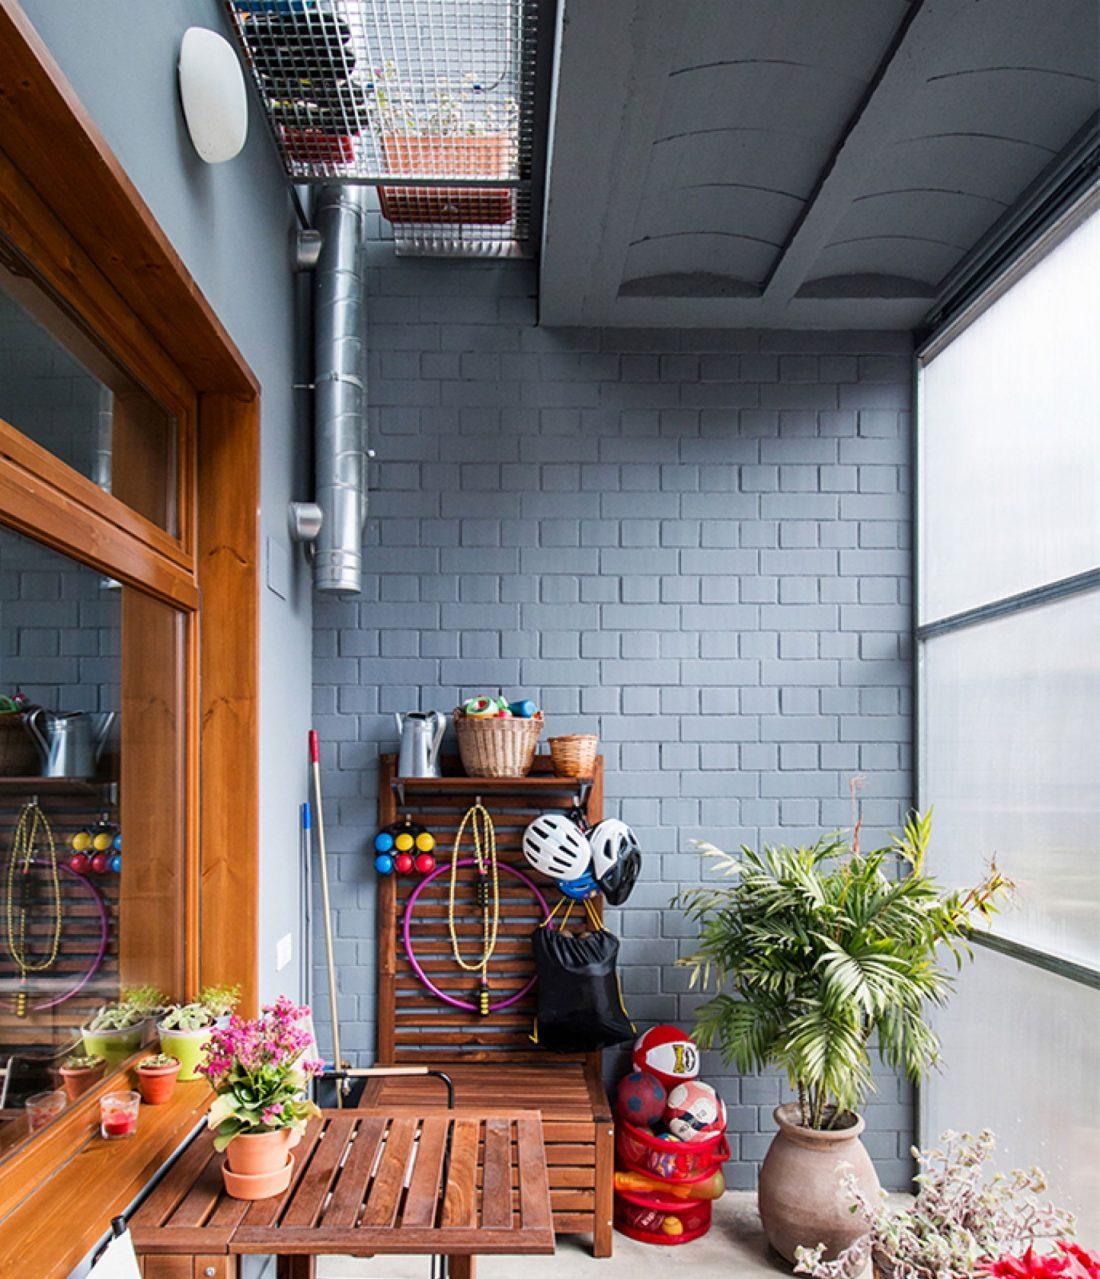 trehetazhnyj-dom-v-barselone-po-proektu-studii-h-arquitectes-3